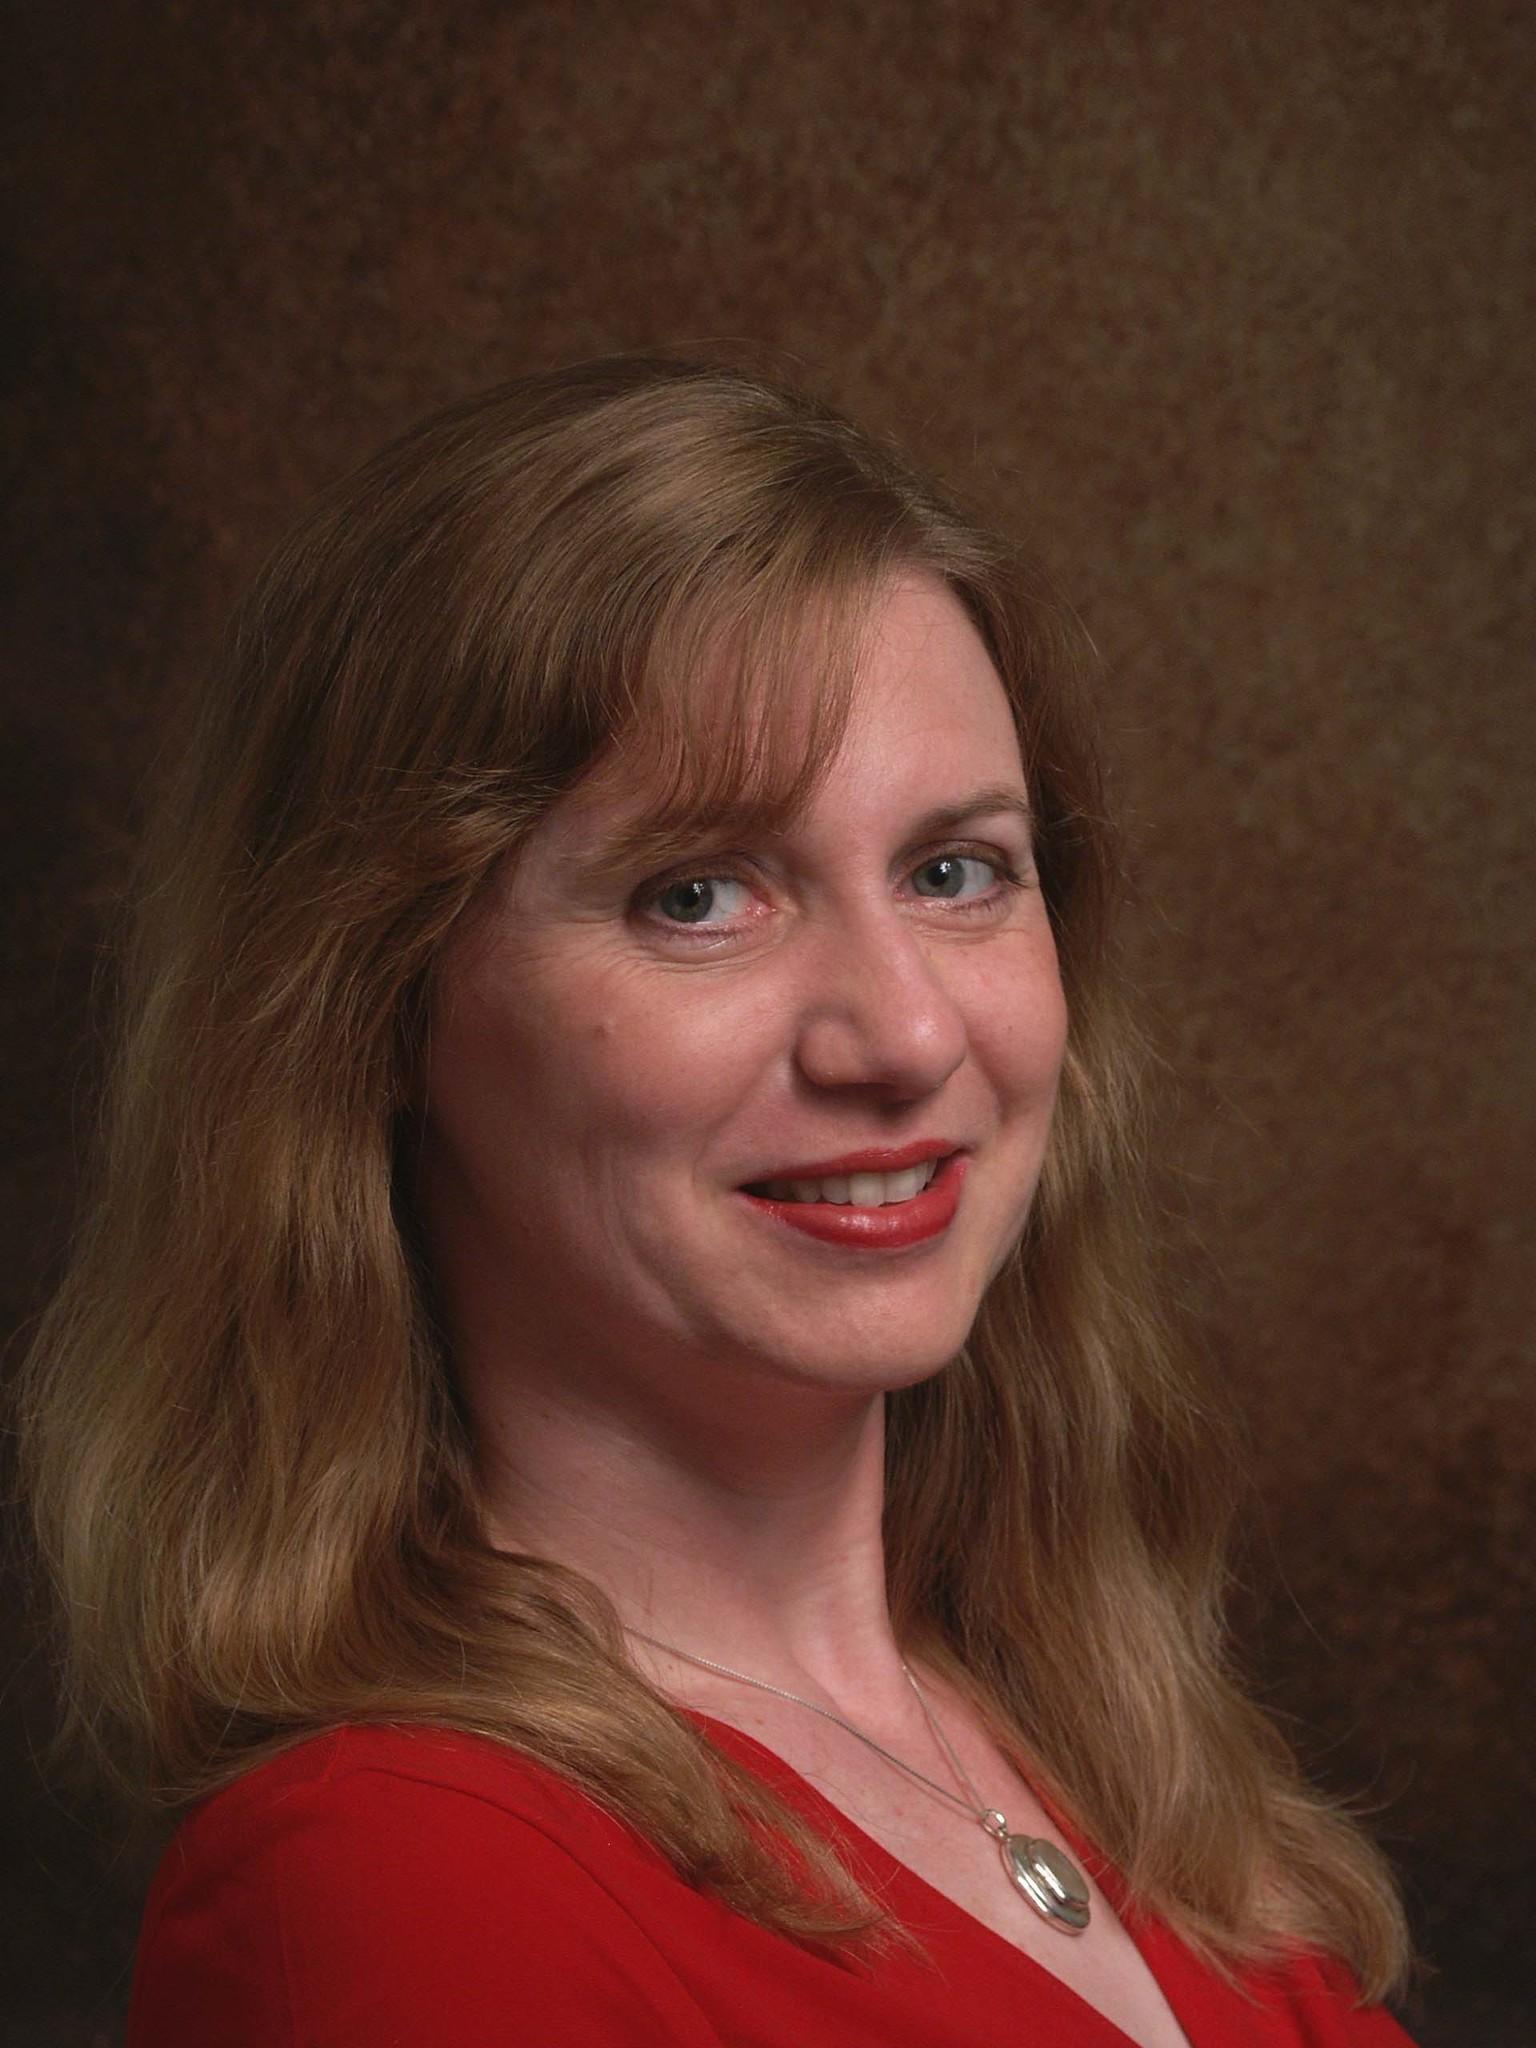 Emobied co-founder Maja Mataric